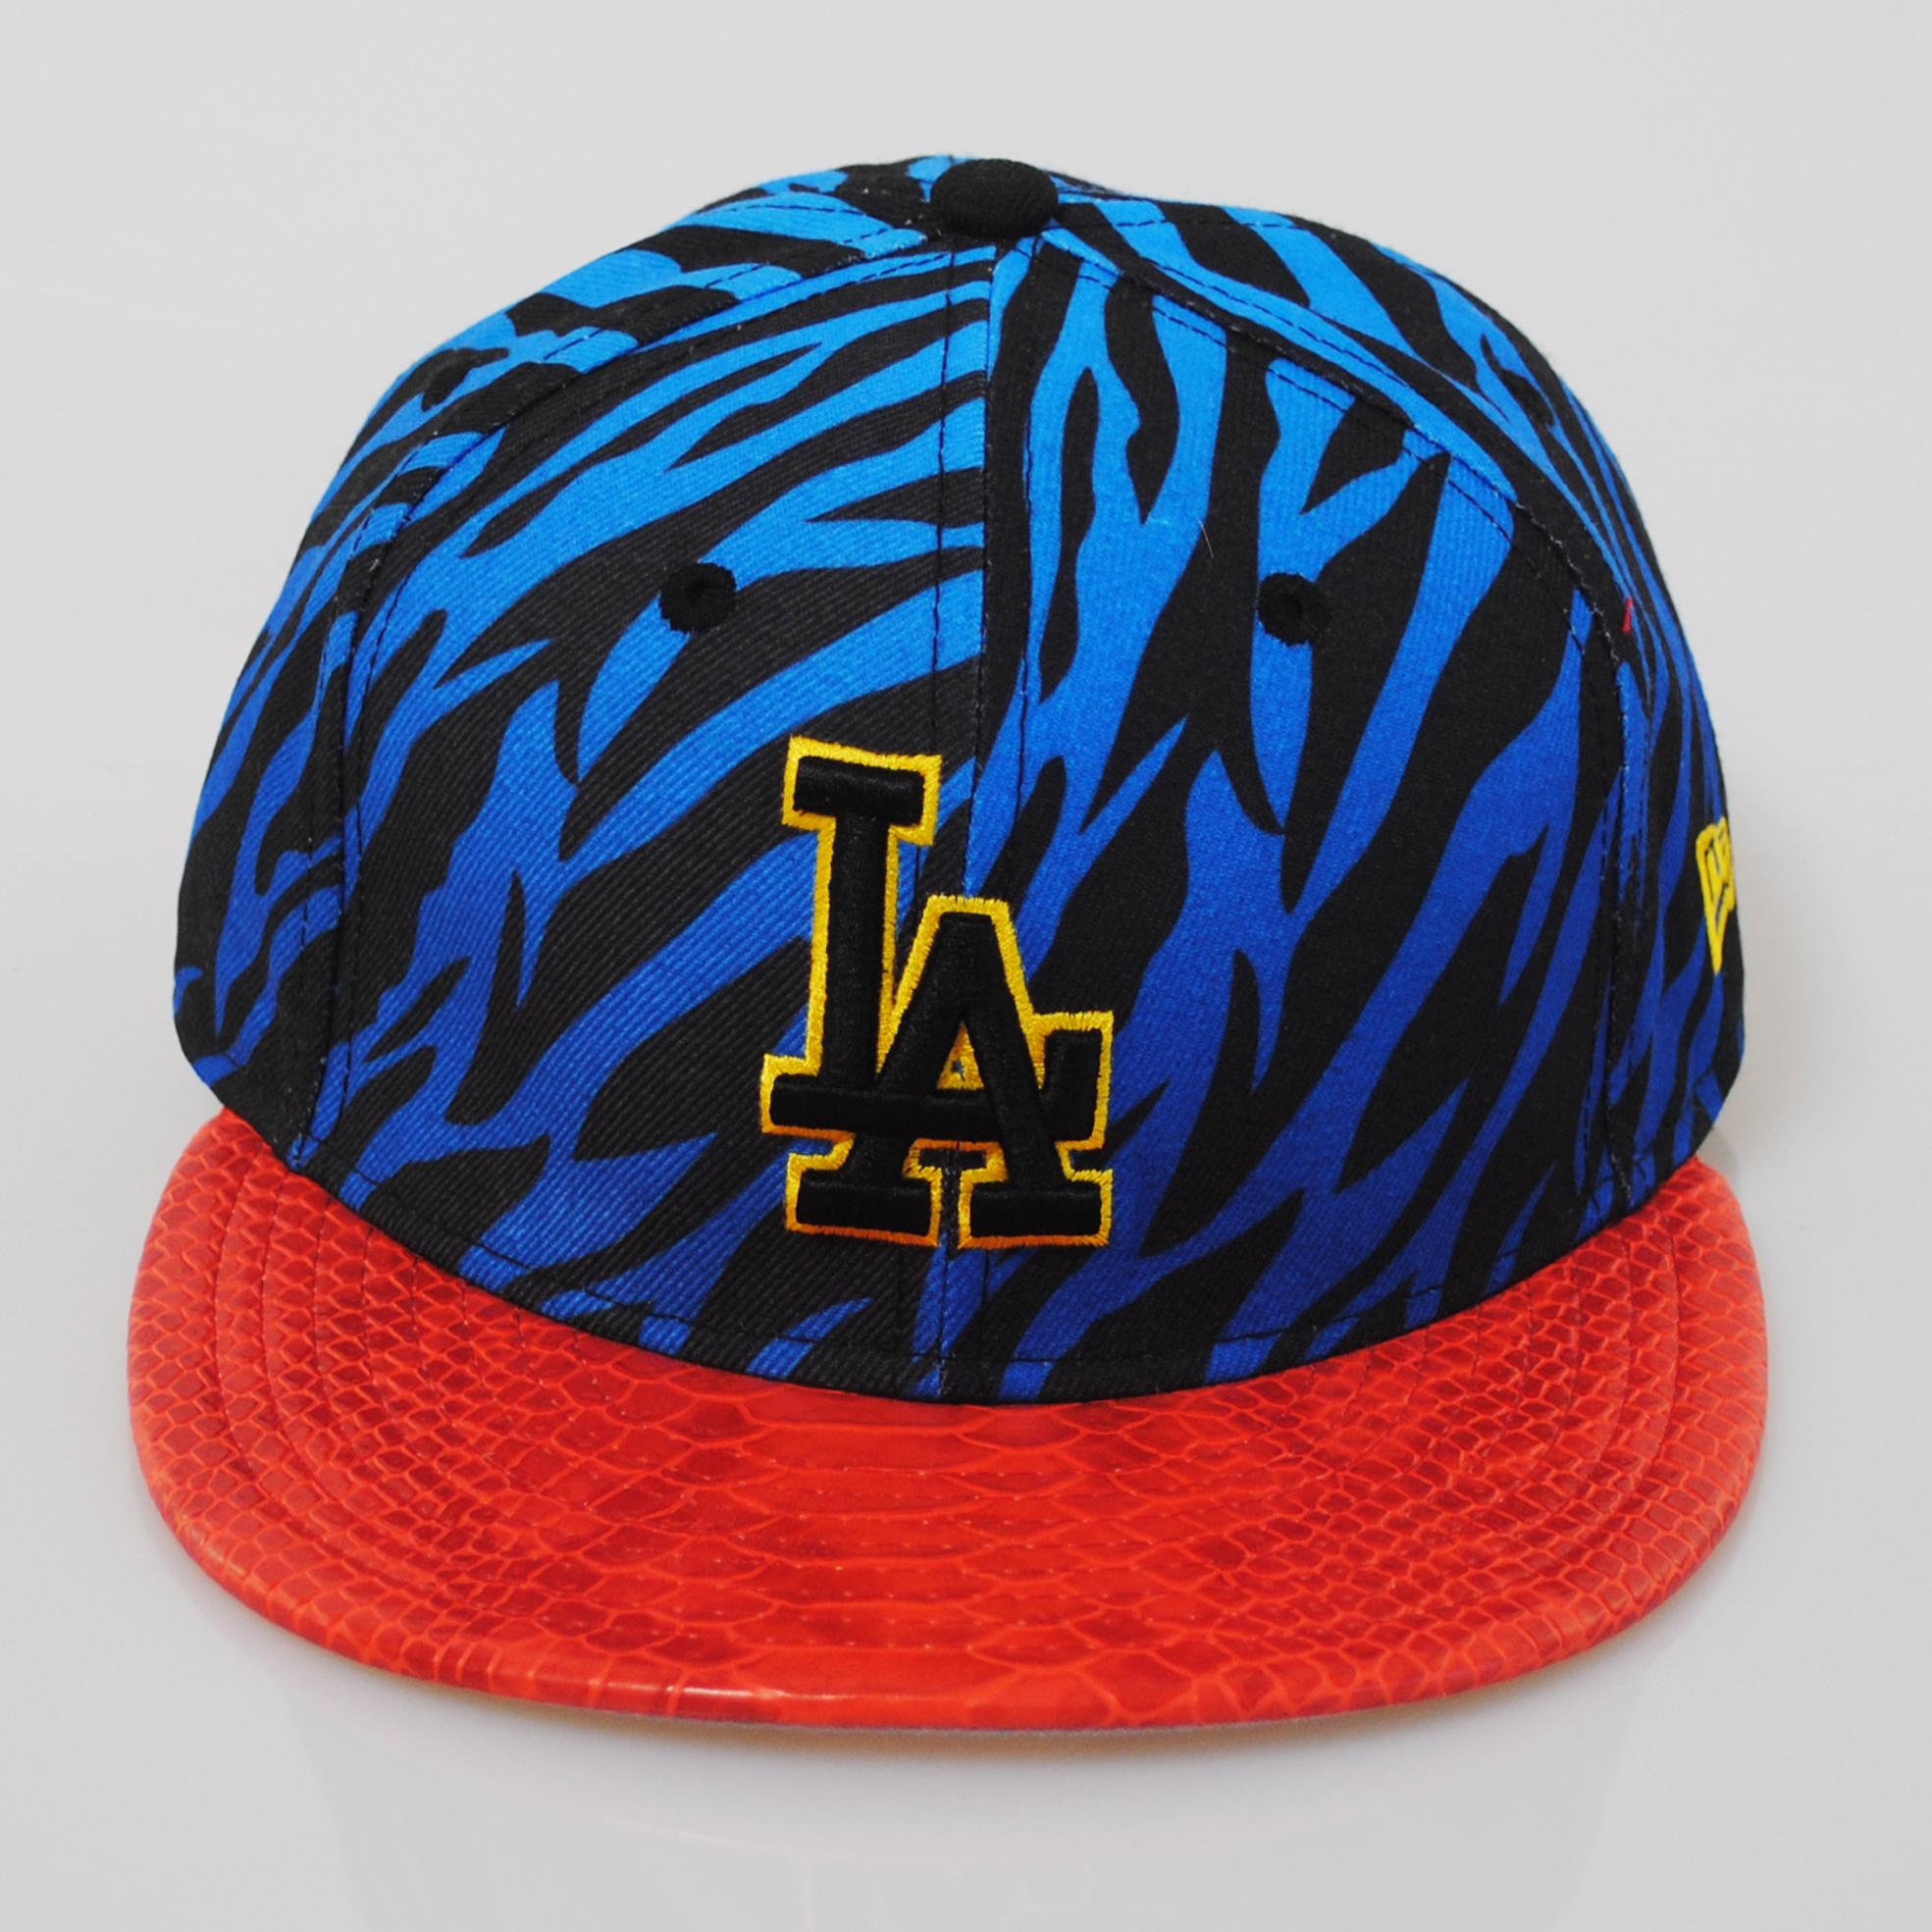 4ac494b56c0 ... hat black 11467959 d6e61 01602  shop new era 9fifty la dodgers jungle  mash up 45d71 f3d42